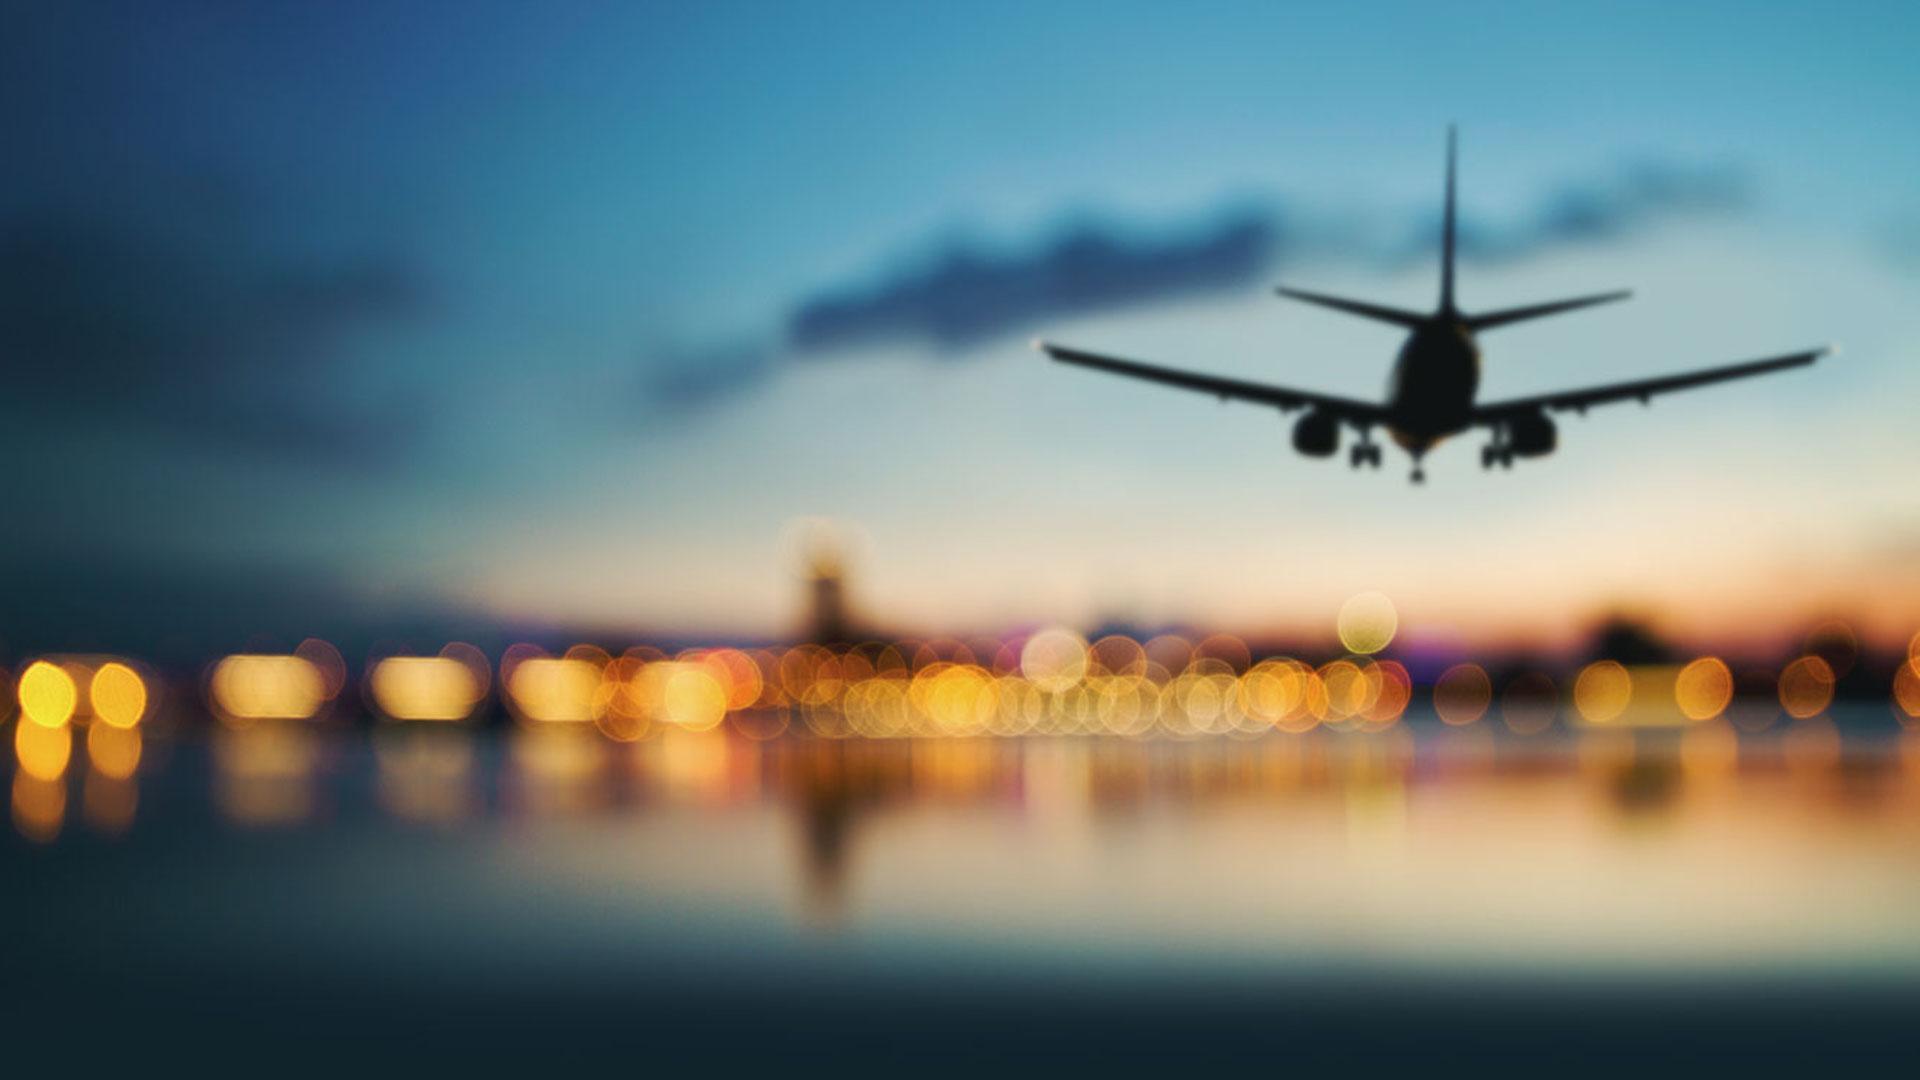 Los aviones autónomos serían una realidad en 2025. ¿Volarías en una aeronave sin piloto?